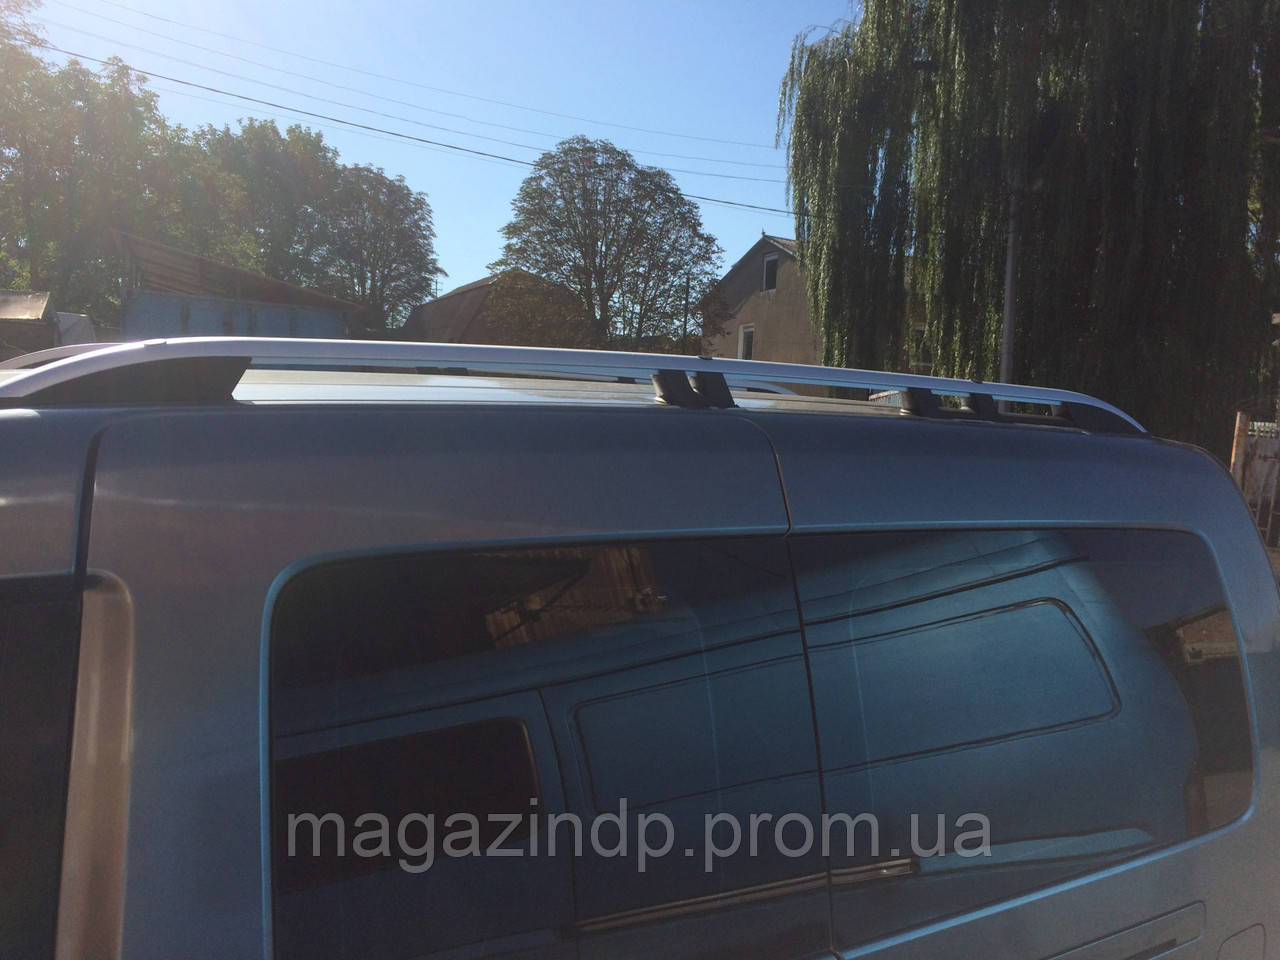 Рейлинги Volkswagen Caddy Maxi (2005-2010) /тип Cwn,Черные Код:315960536